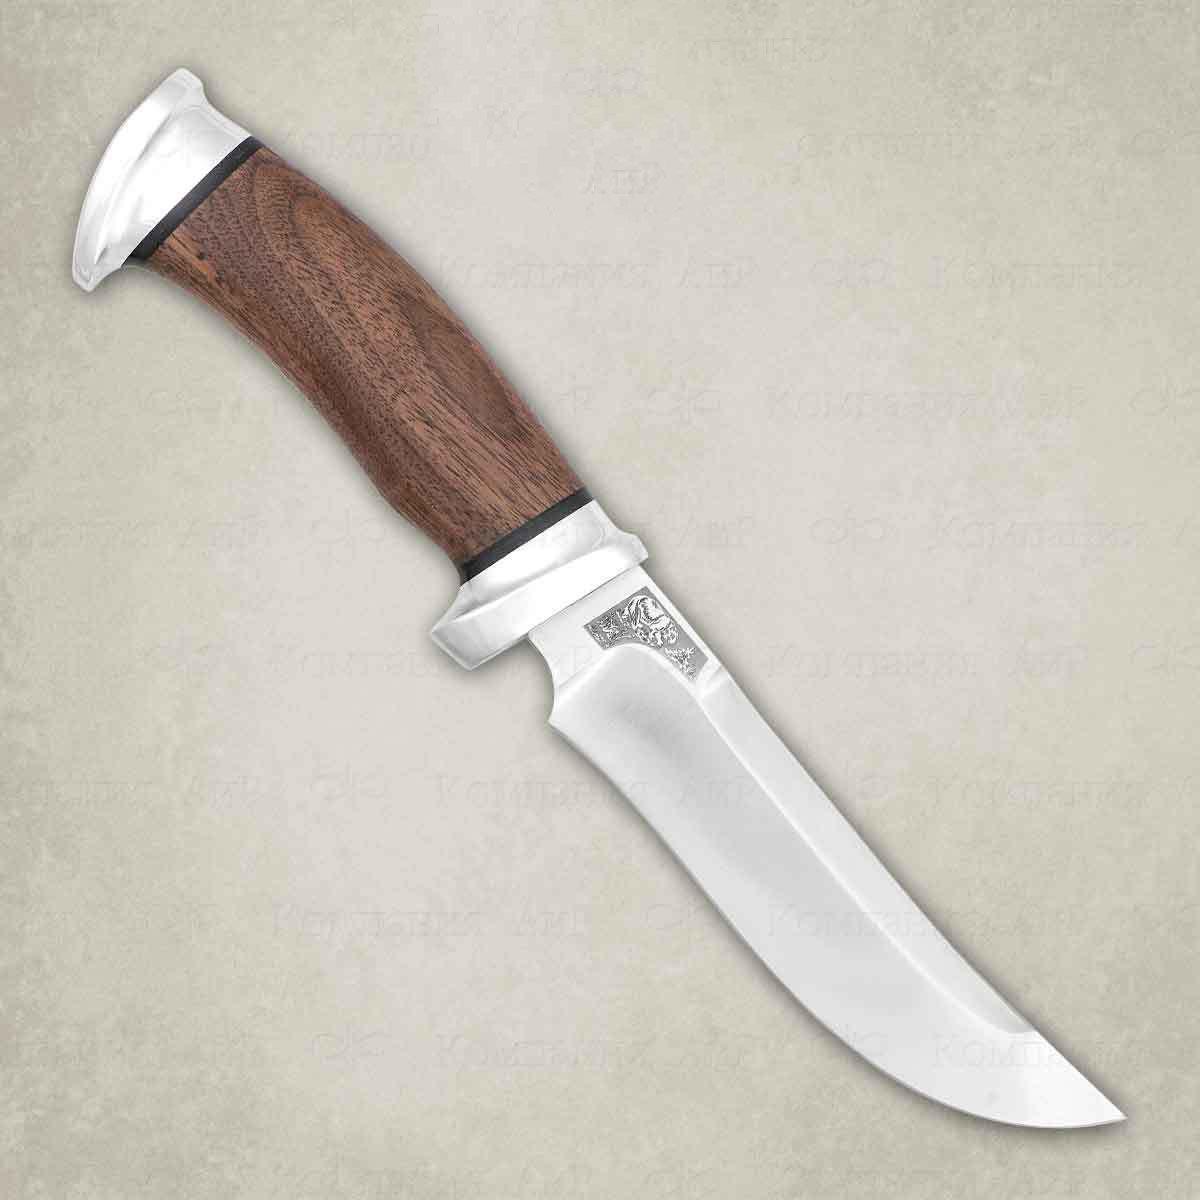 Нож разделочный АиР Росомаха, сталь К-340, рукоять дерево